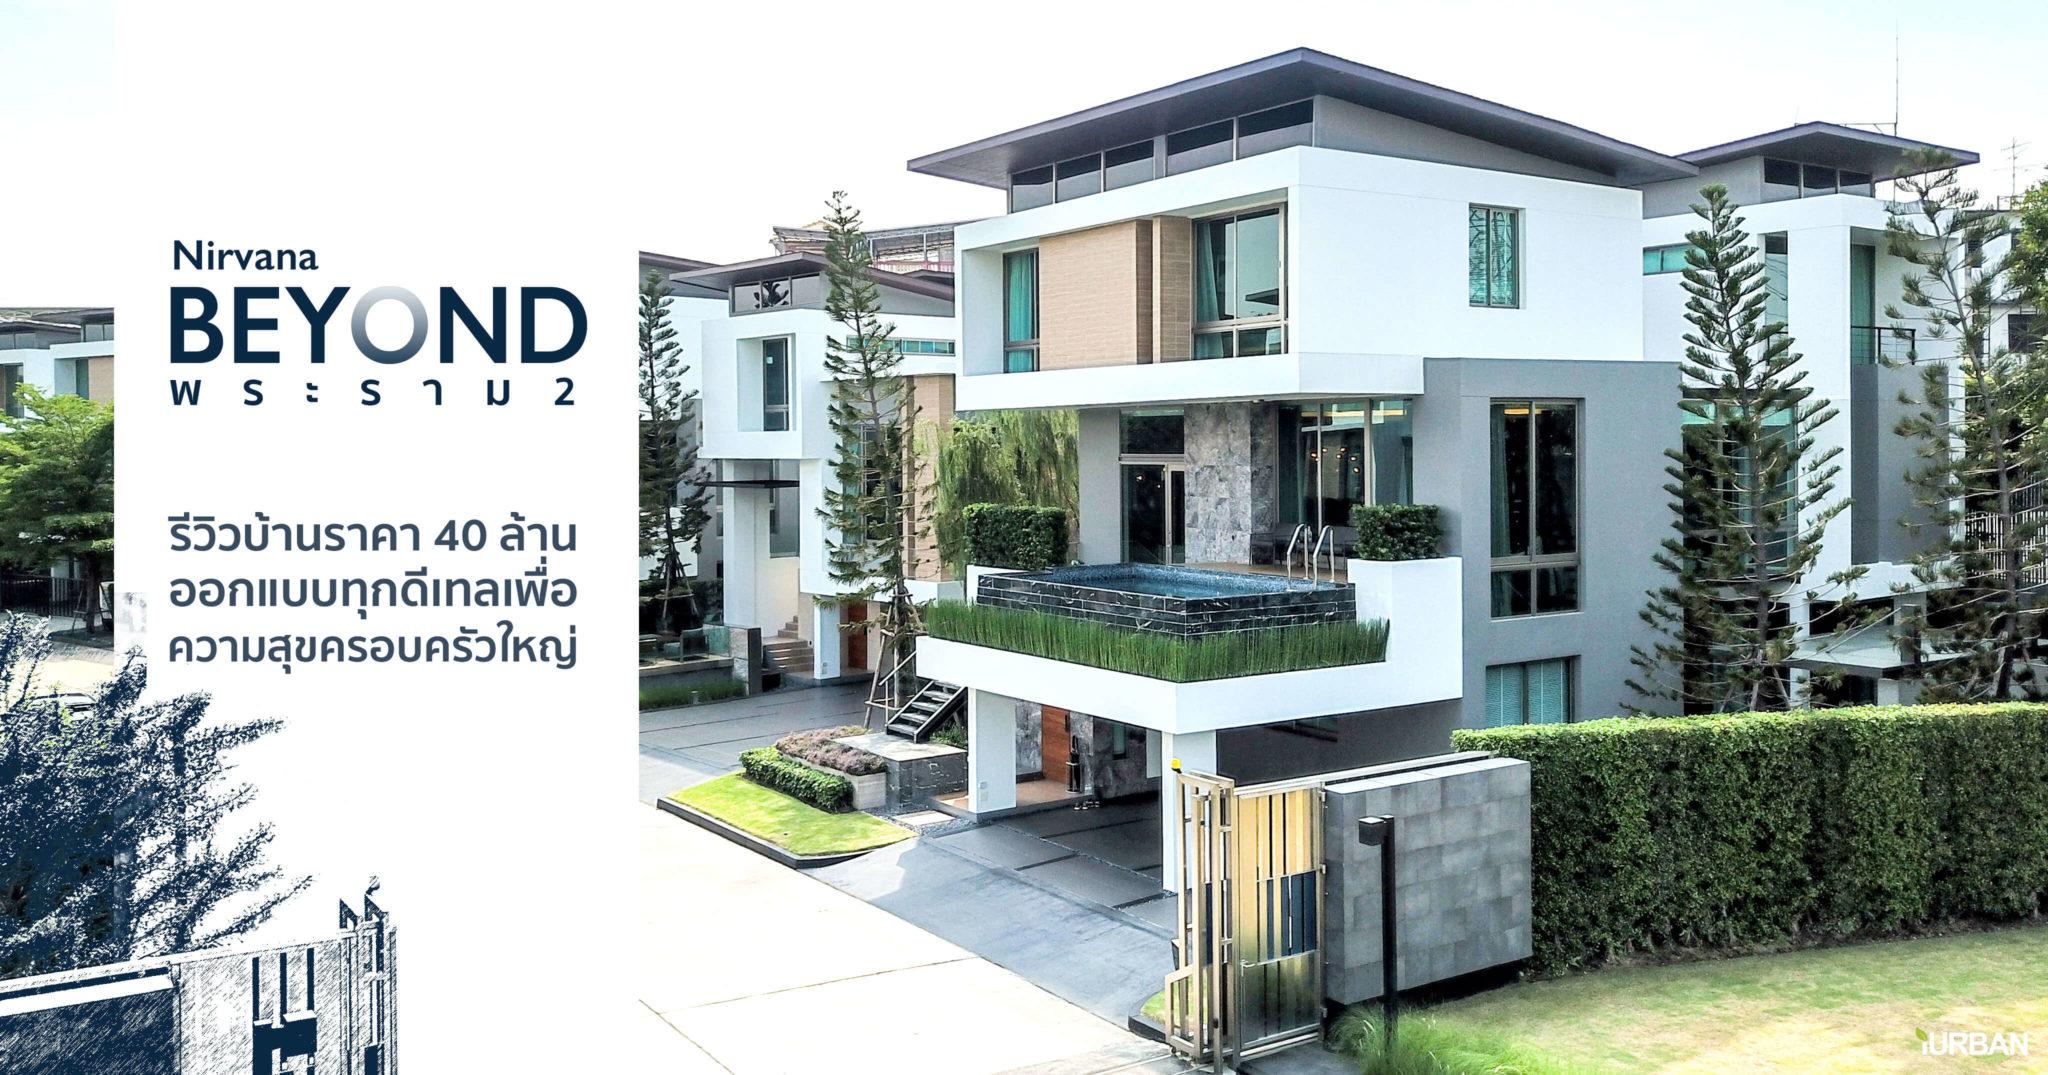 รีวิว Nirvana Beyond พระราม 2 บ้านที่ออกแบบทุกดีเทลเพื่อความสุขทุก GEN ของครอบครัวใหญ่ 13 - Beyond